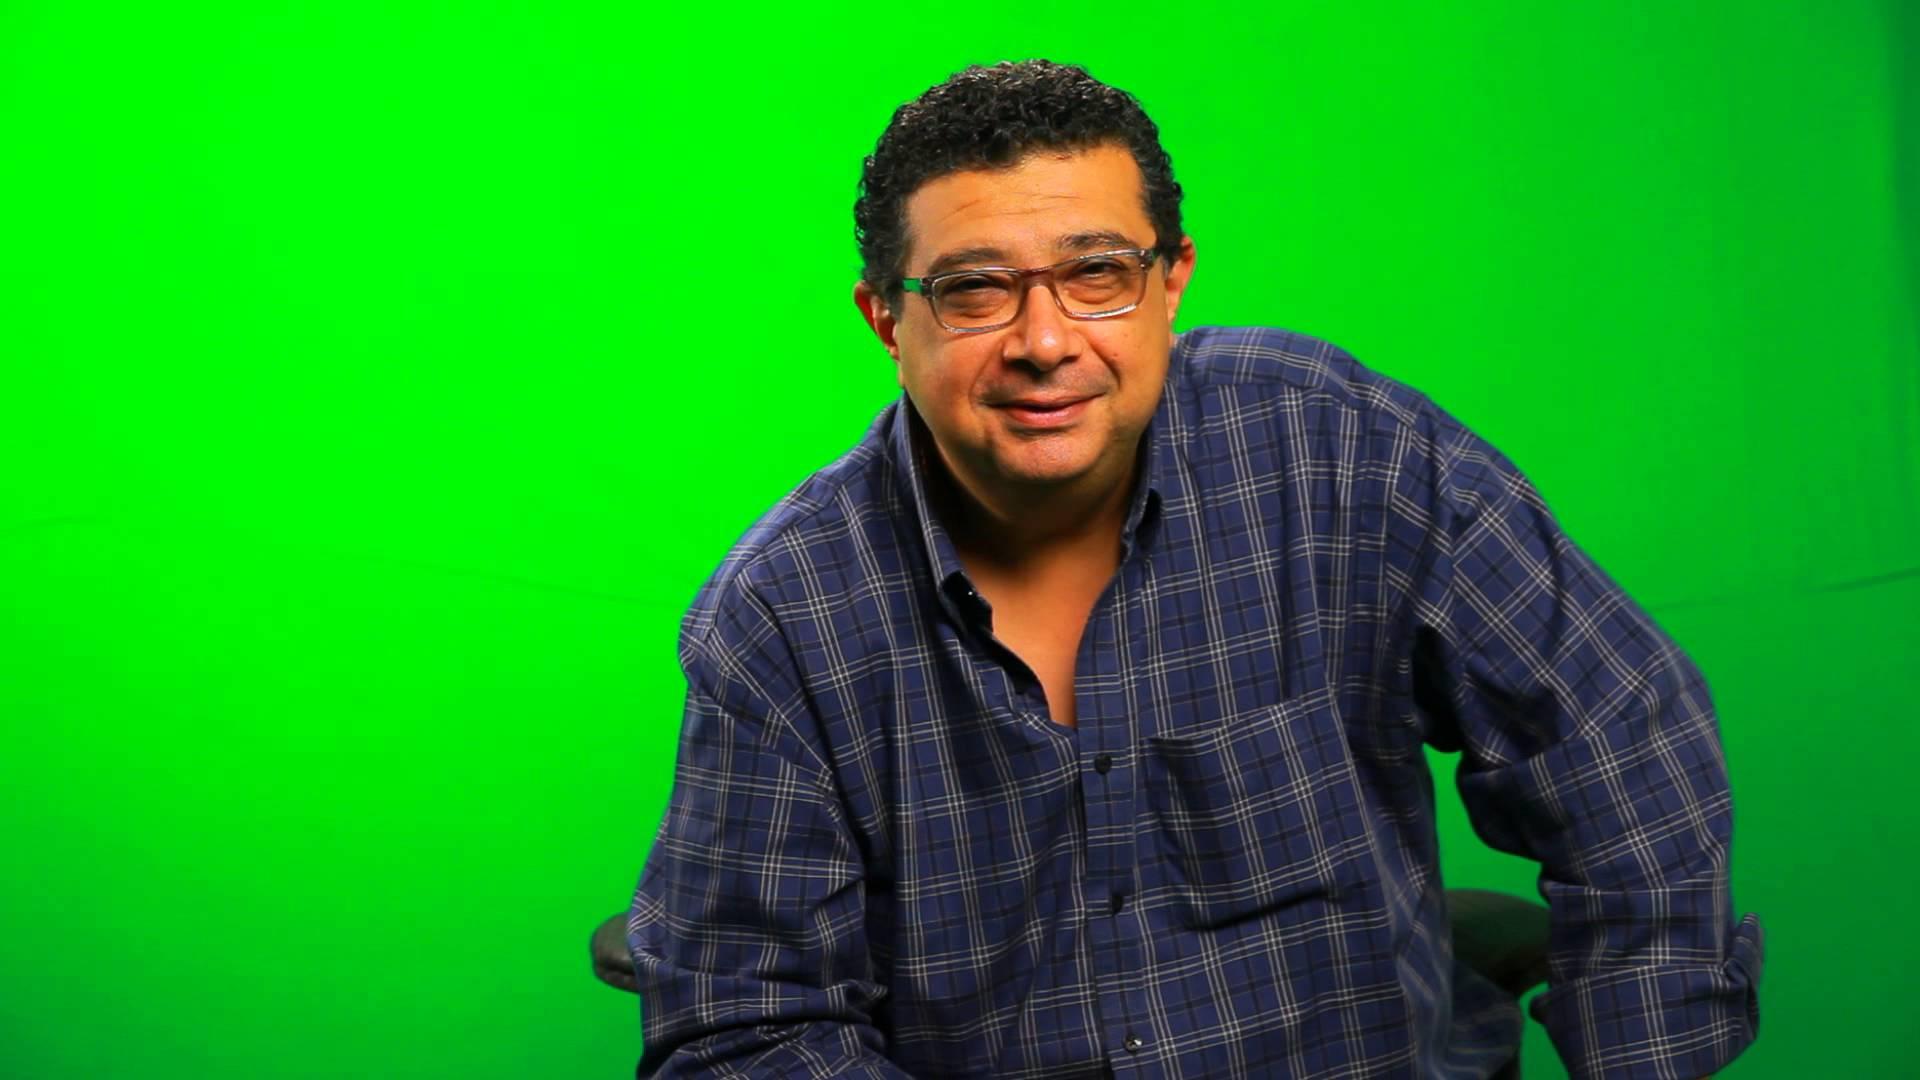 إحالة الفنان ماجد الكدواني إلى محكمة الجنح بعد اعتداءه على عامل نظافة بمحطة مصر الجديدة